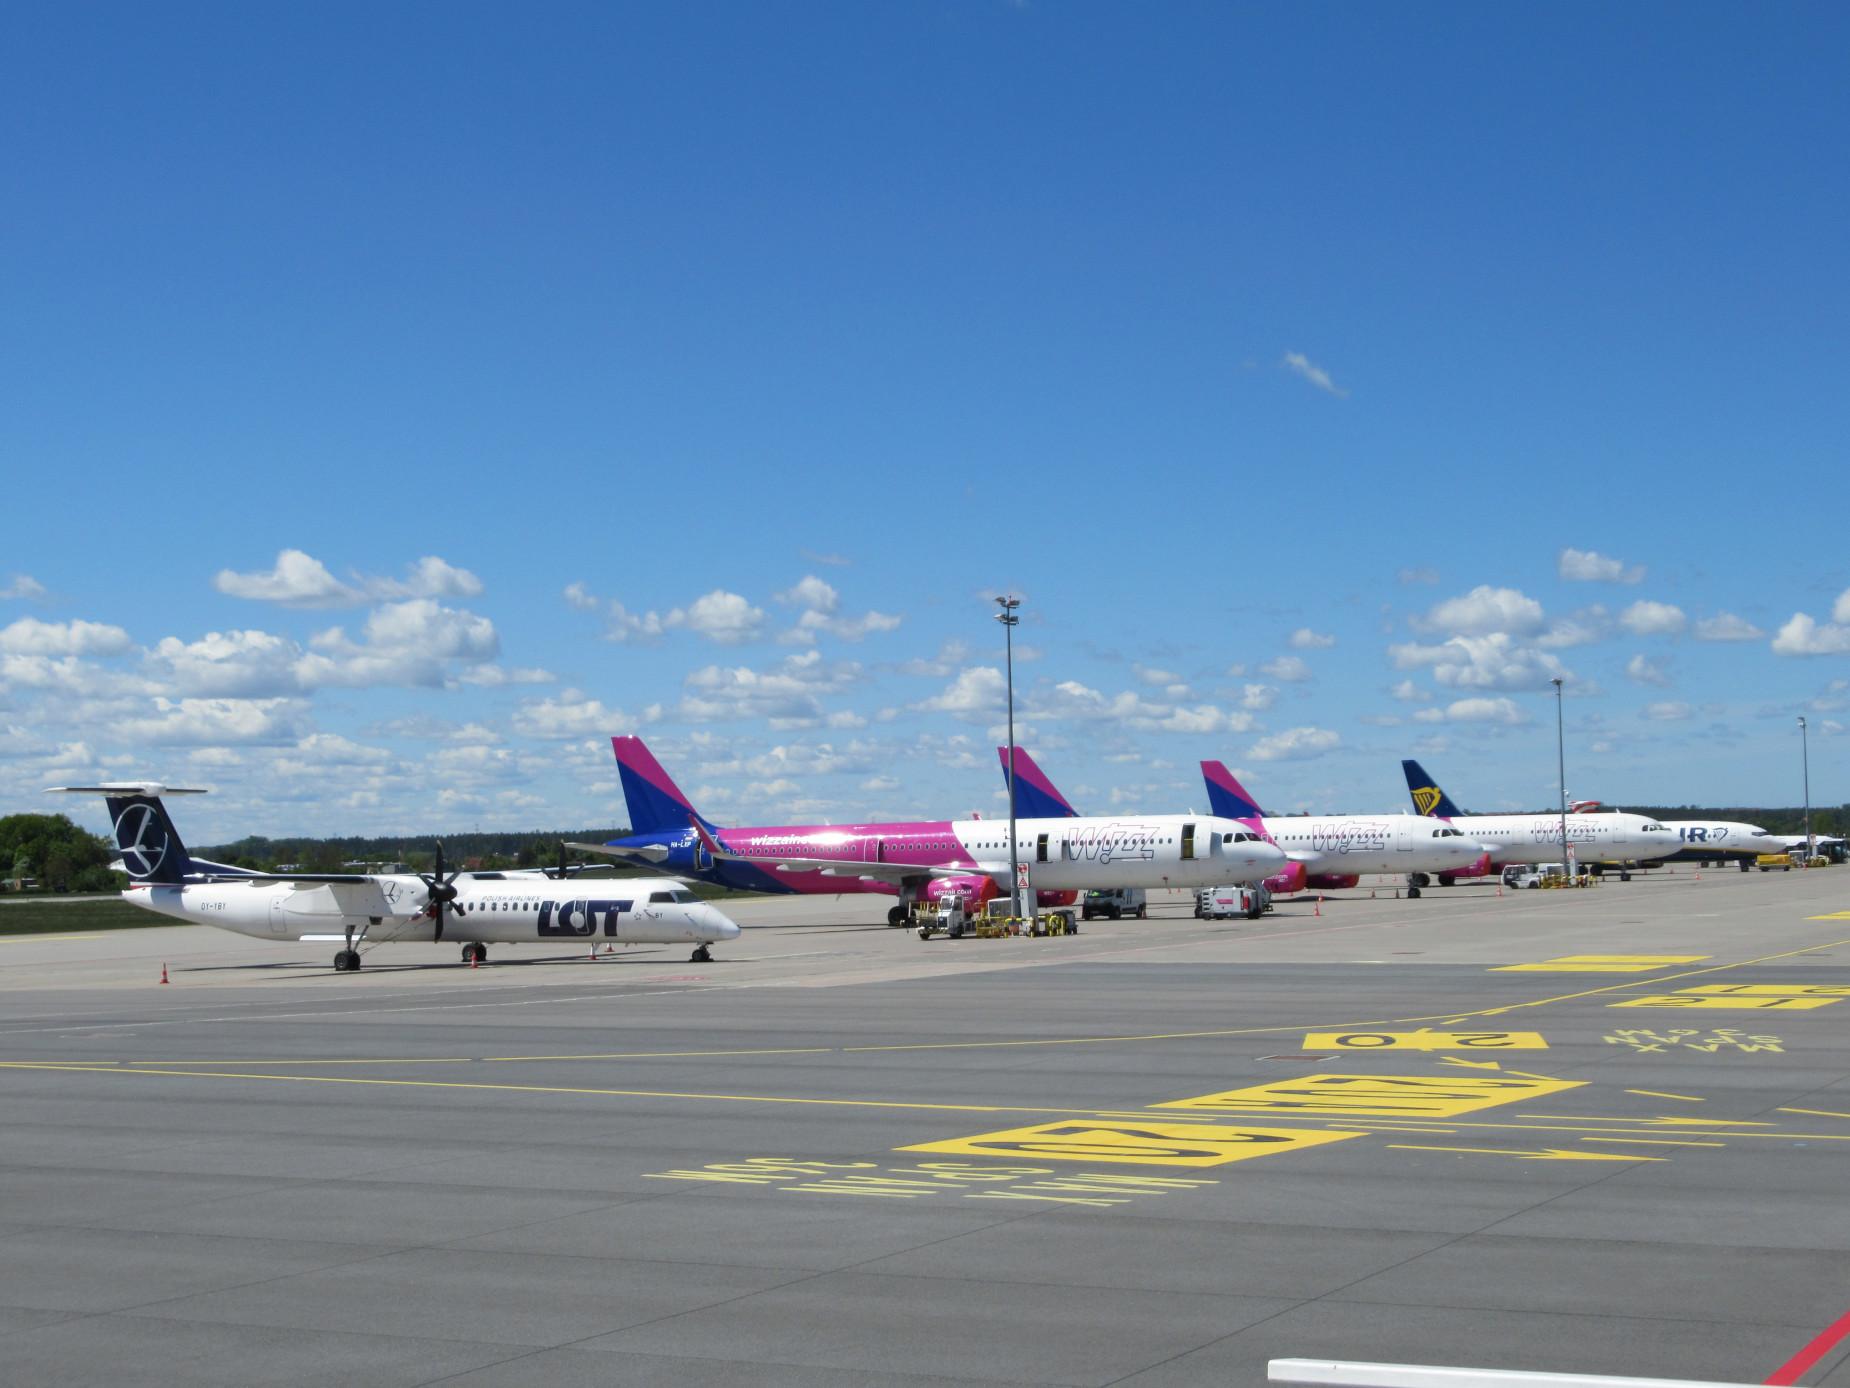 Port lotniczy wraca do normalności. Liczba pasażerów sukcesywnie rośnie, a samoloty latają do nowych miejsc